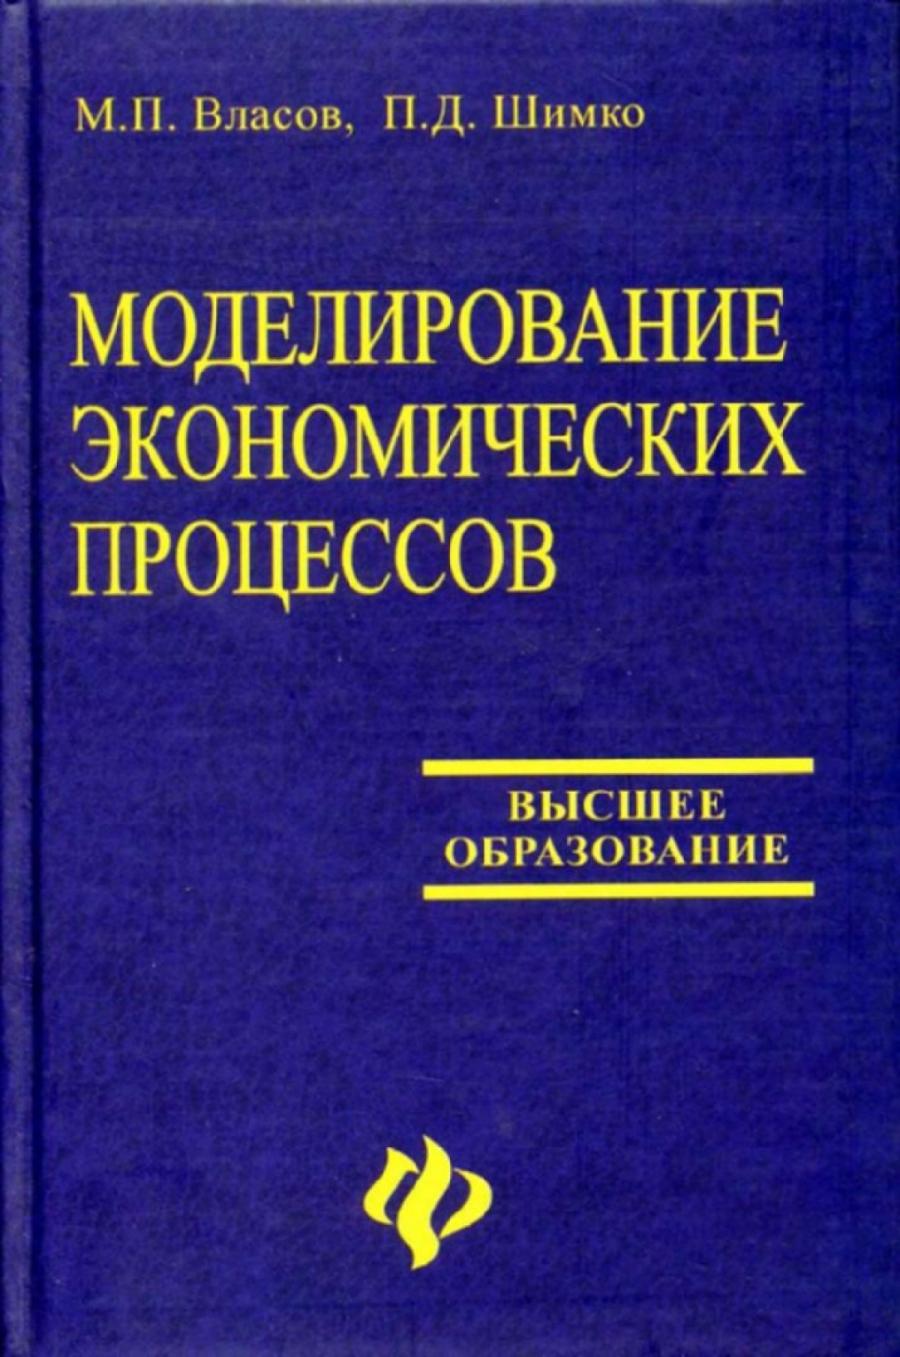 Обложка книги:  власов м. п., шимко п. д. - моделирование экономических процессов